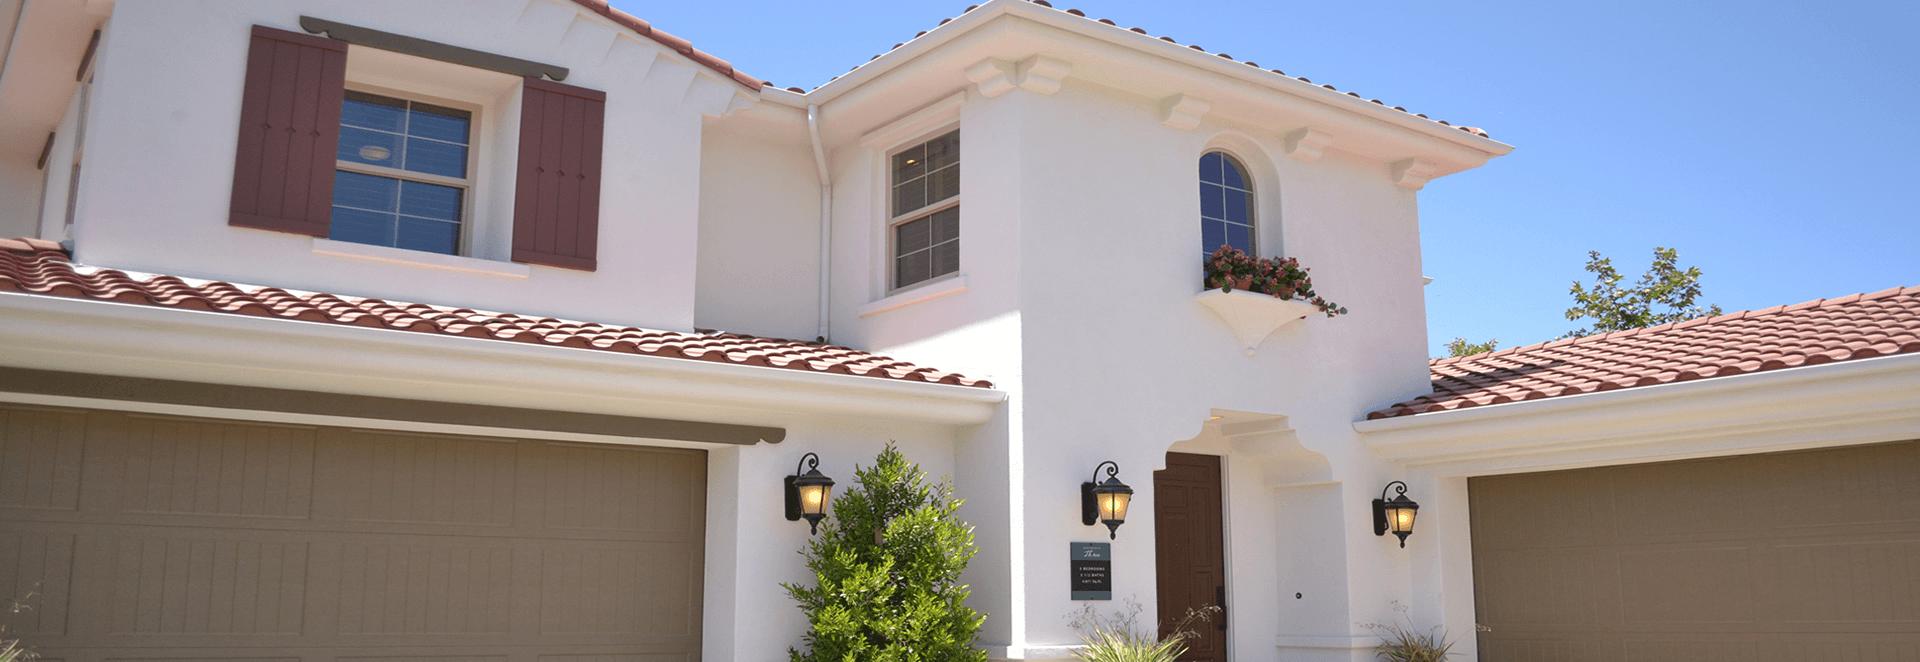 Wenn Sie die beste Wohngebäudeversicherung für Ihre Bedürfnisse suchen, können Sie sich mit den Tarifen und Zusatzbausteinen von Leo Forsbeck individuell günstig absichern